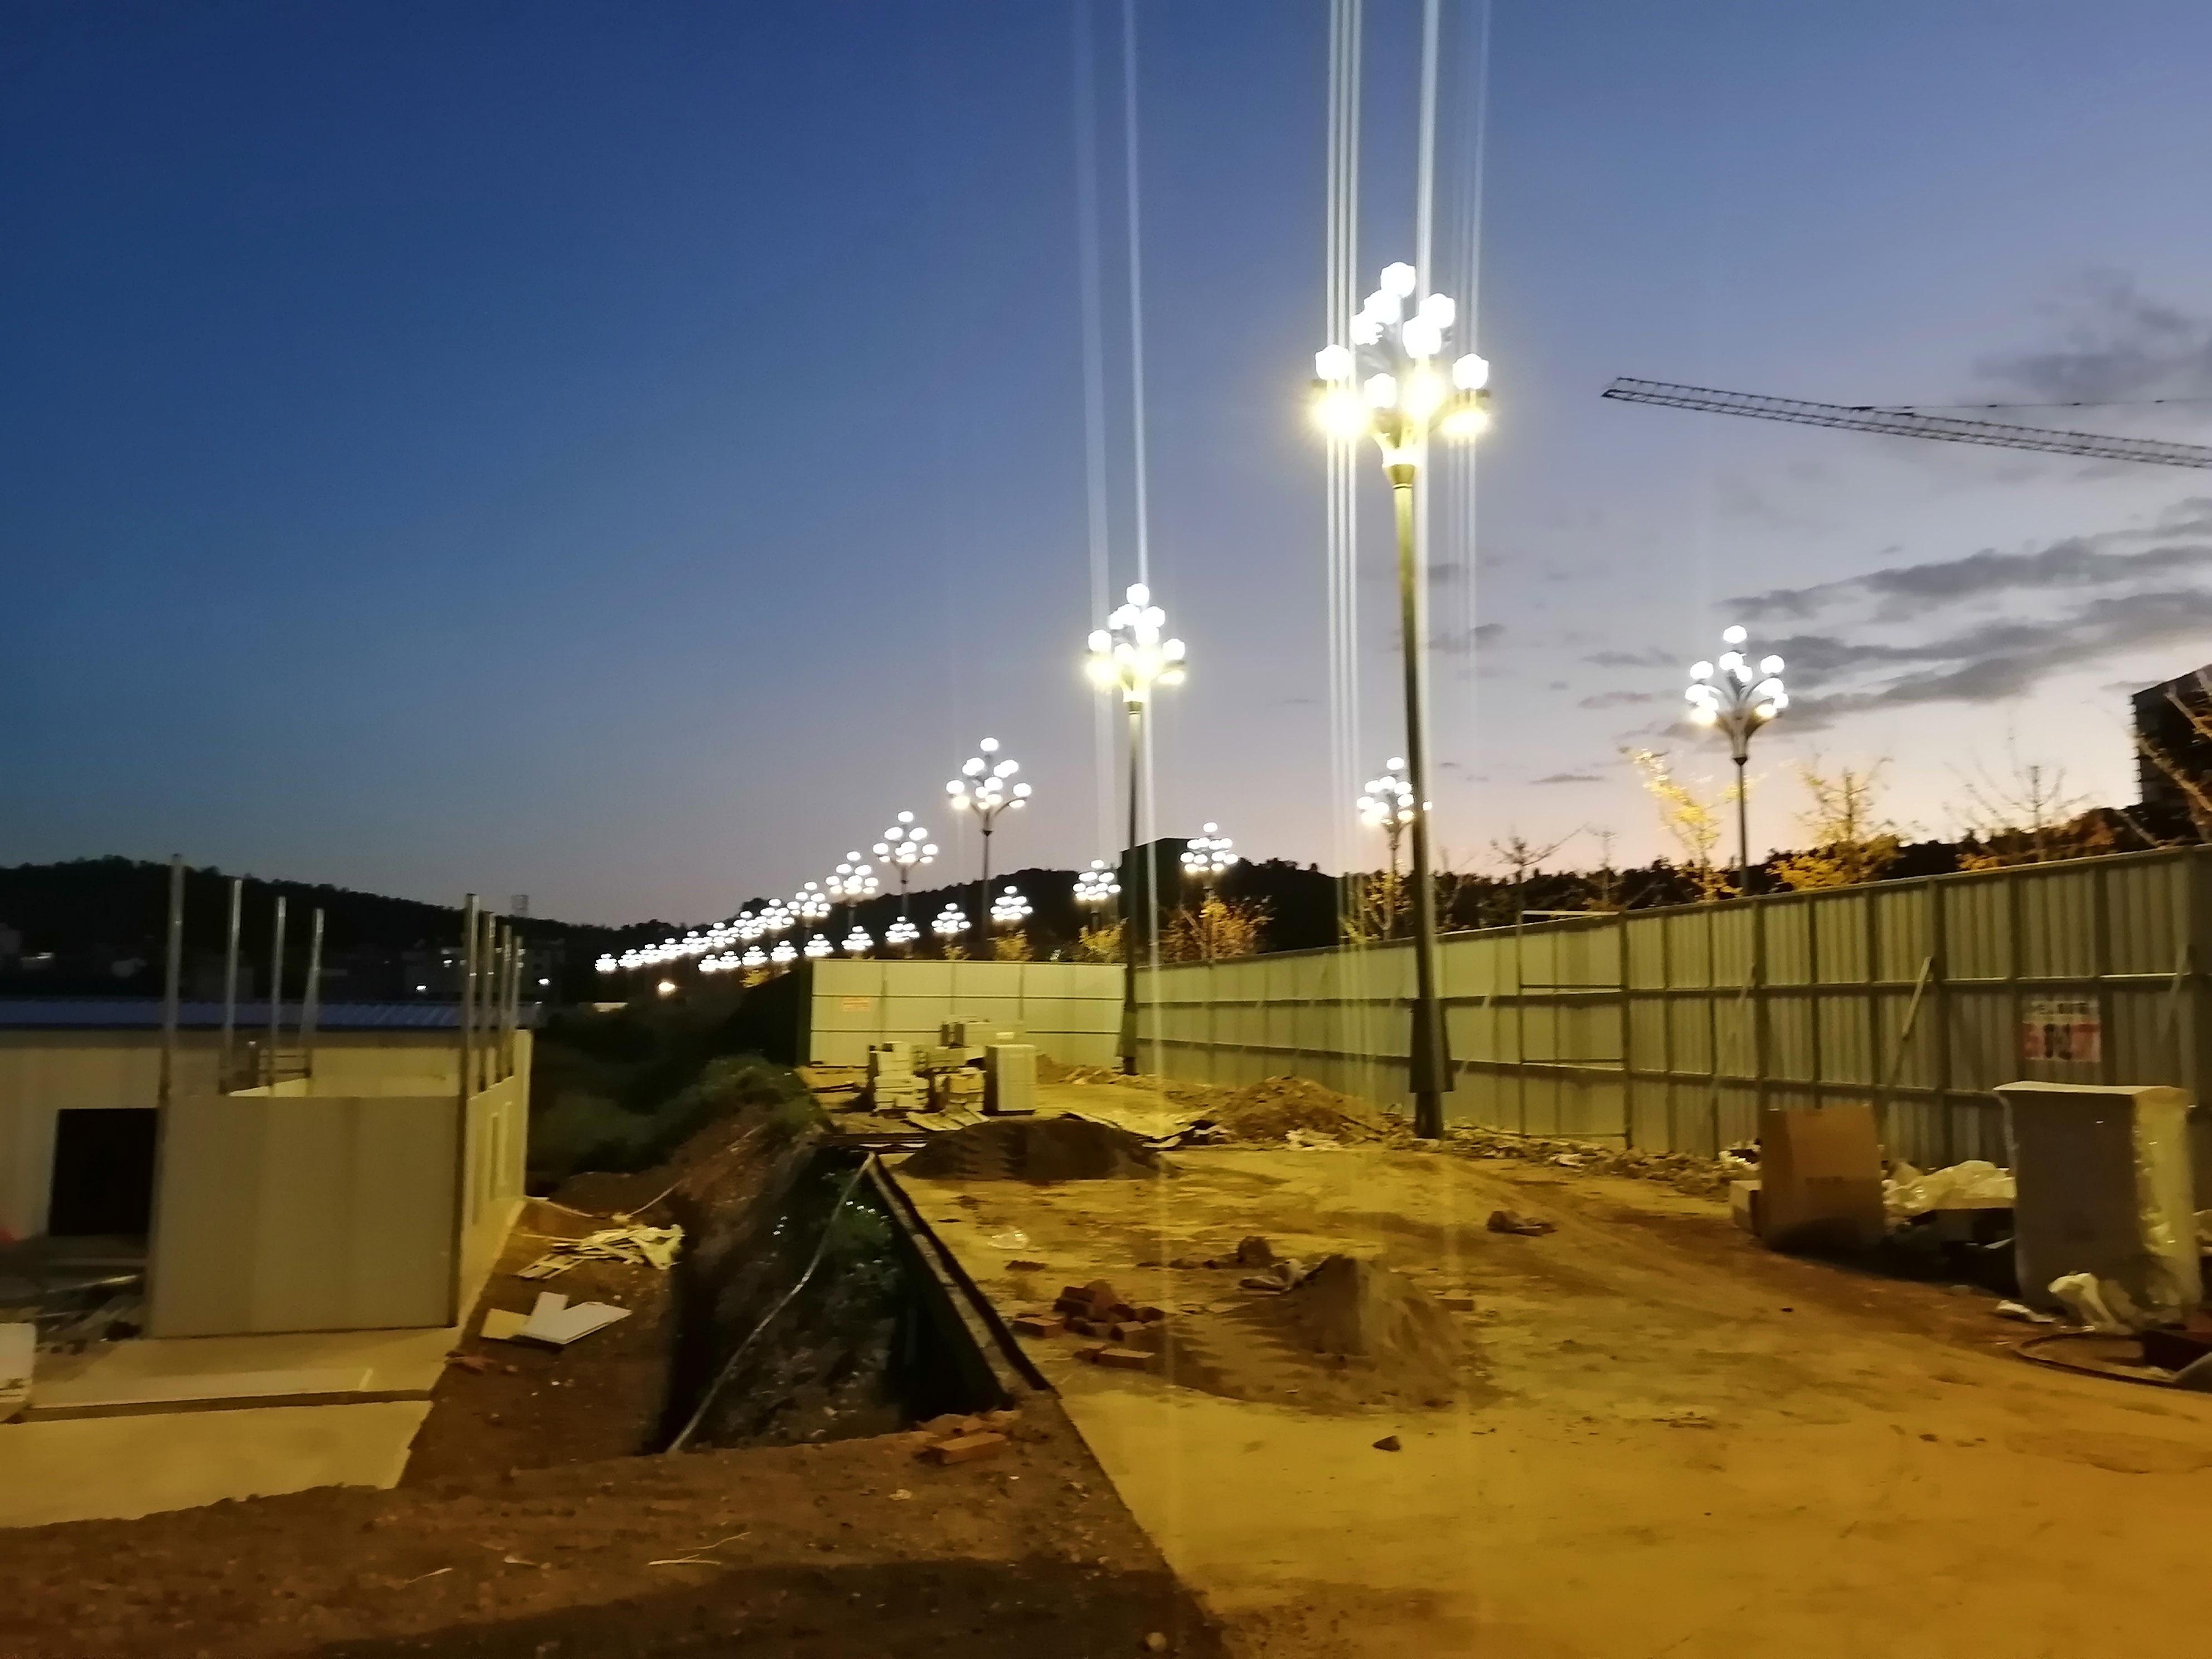 紅河水鄉-中山路路燈項目安裝完成